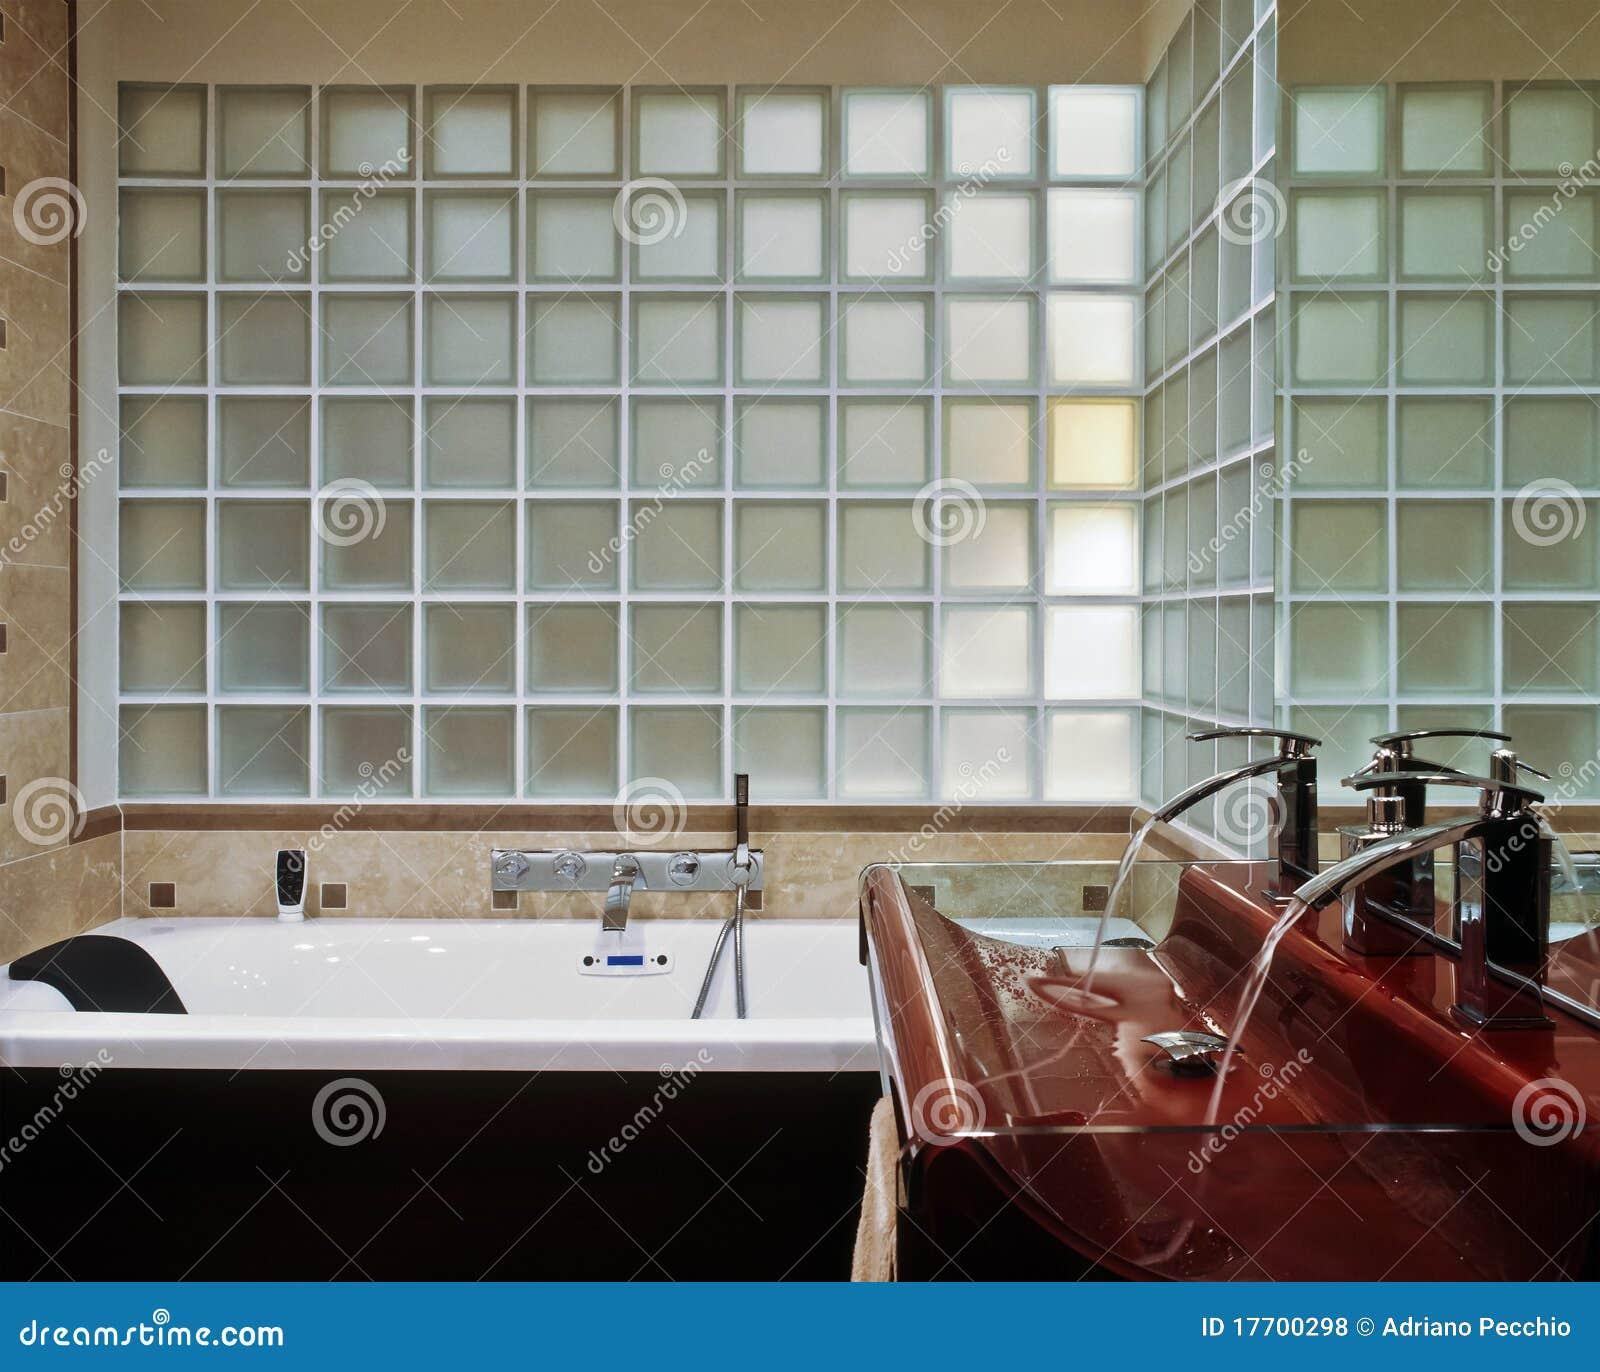 Banheiro Moderno Com Bloco De Vidro Fotos de Stock Royalty Free  #1B0D0C 1300x1131 Banheiro Com Box De Bloco De Vidro